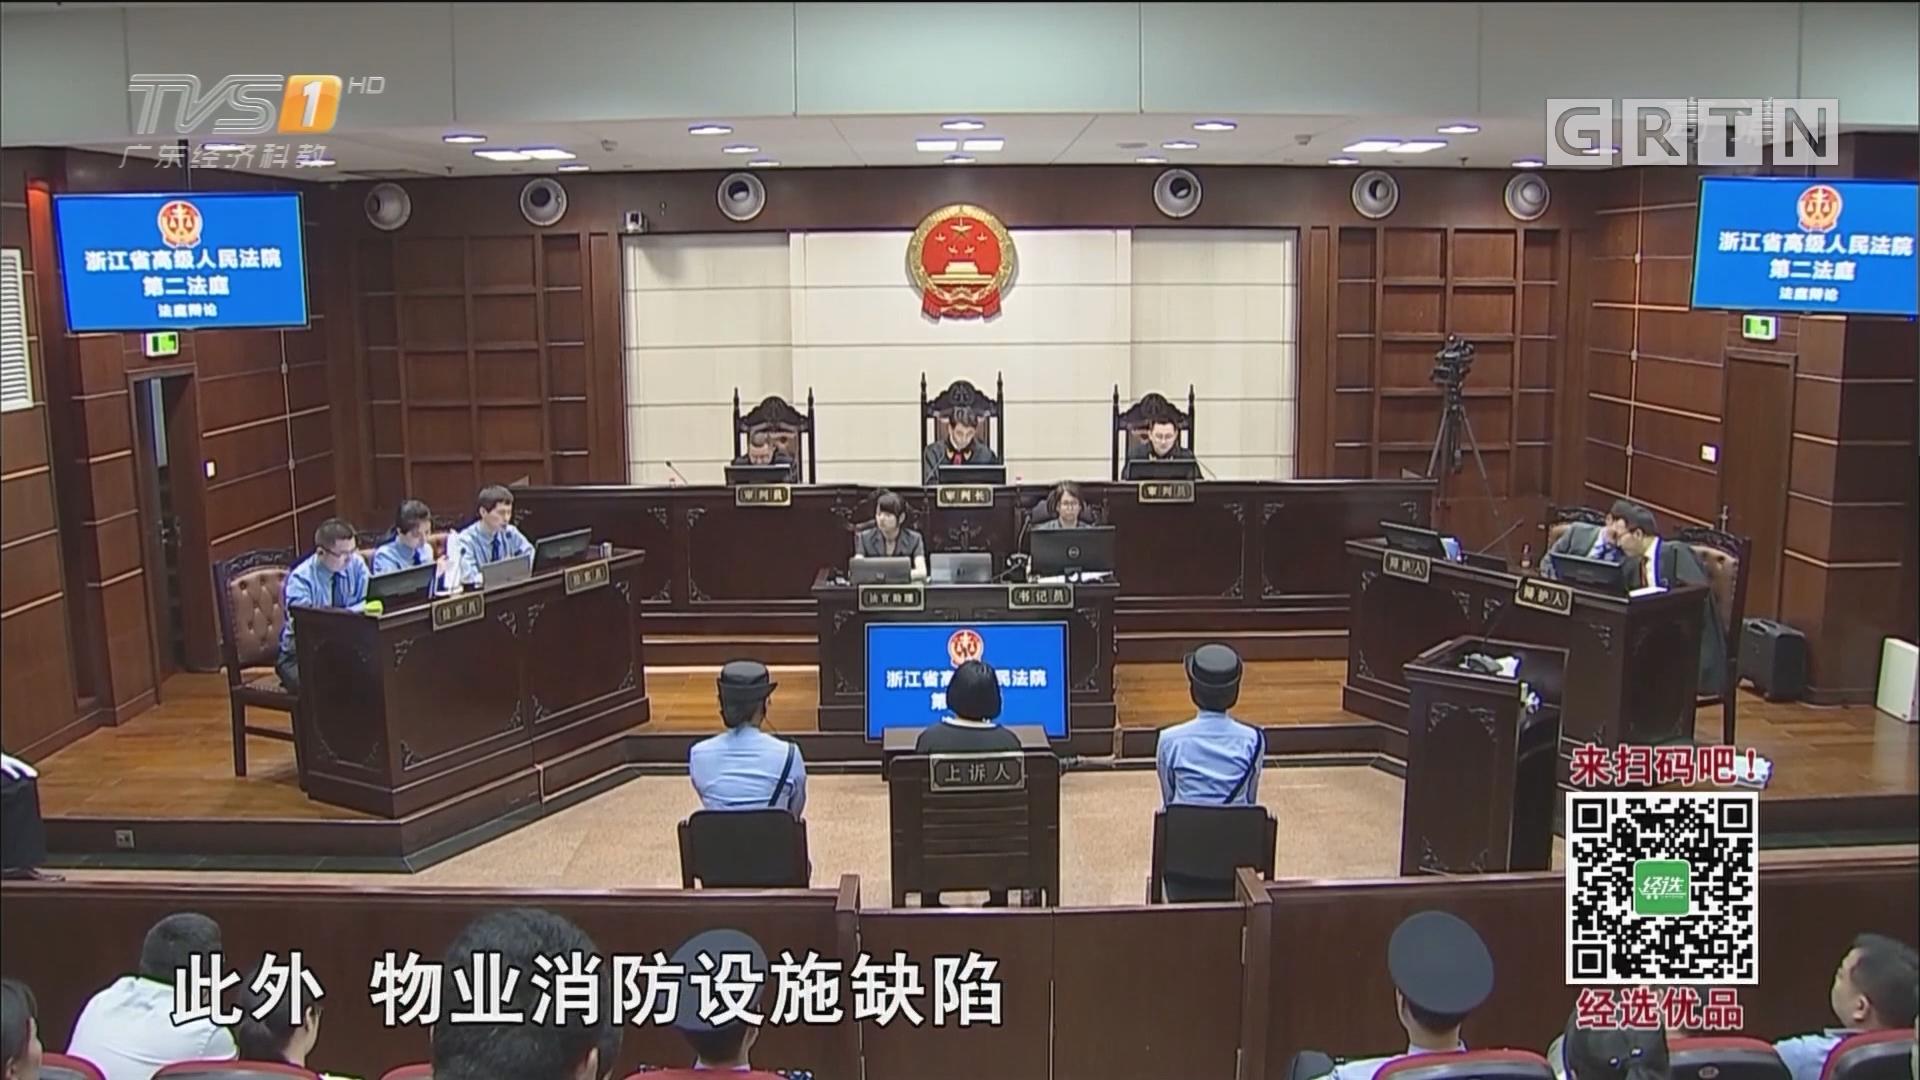 全网热点:杭州保姆纵火案二审开庭 一审曾现换律师风波